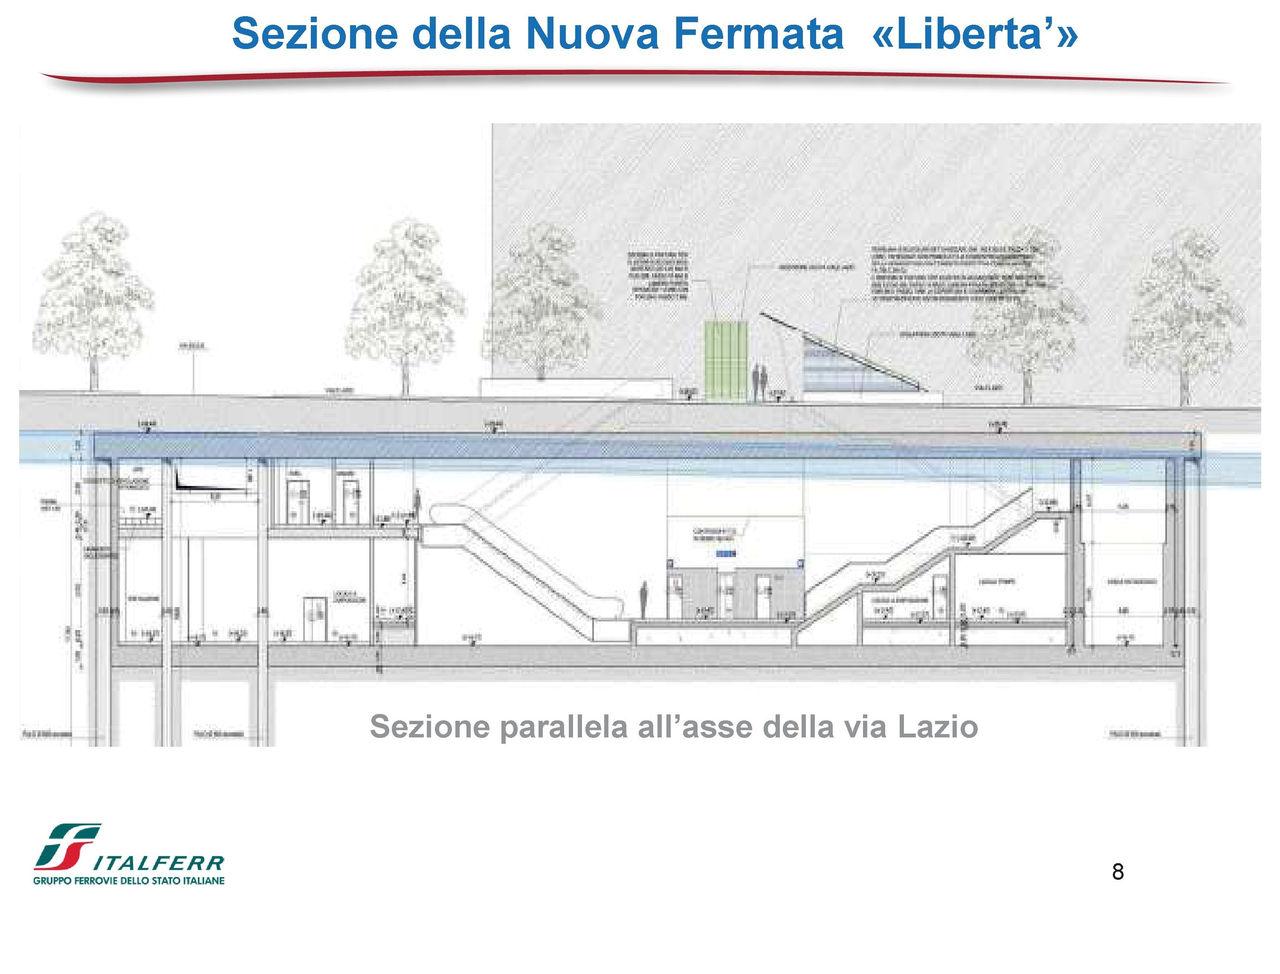 Sezione parallela della nuova fermata all'asse di viale Lazio